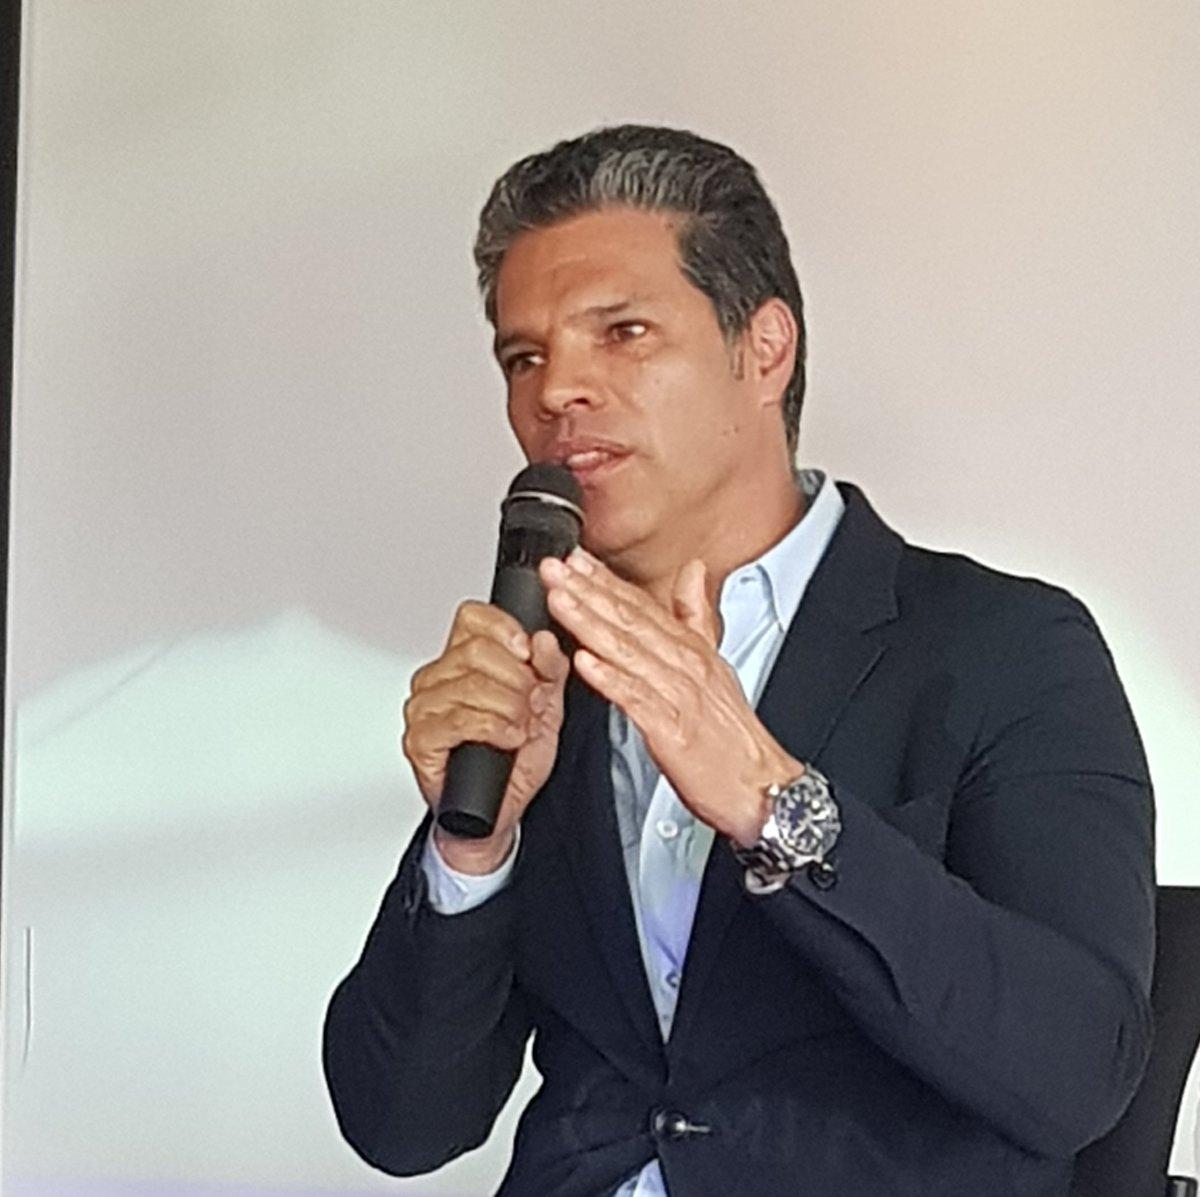 """""""En Colombia somos por naturaleza emprendedores, hay que estar alertas para ver esa oportunidad y sobre todo, tener constancia y disciplina"""": Eduardo Olea de @TuBoletaNews #EmprendeConDatos https://t.co/NmhDGf0zf9"""